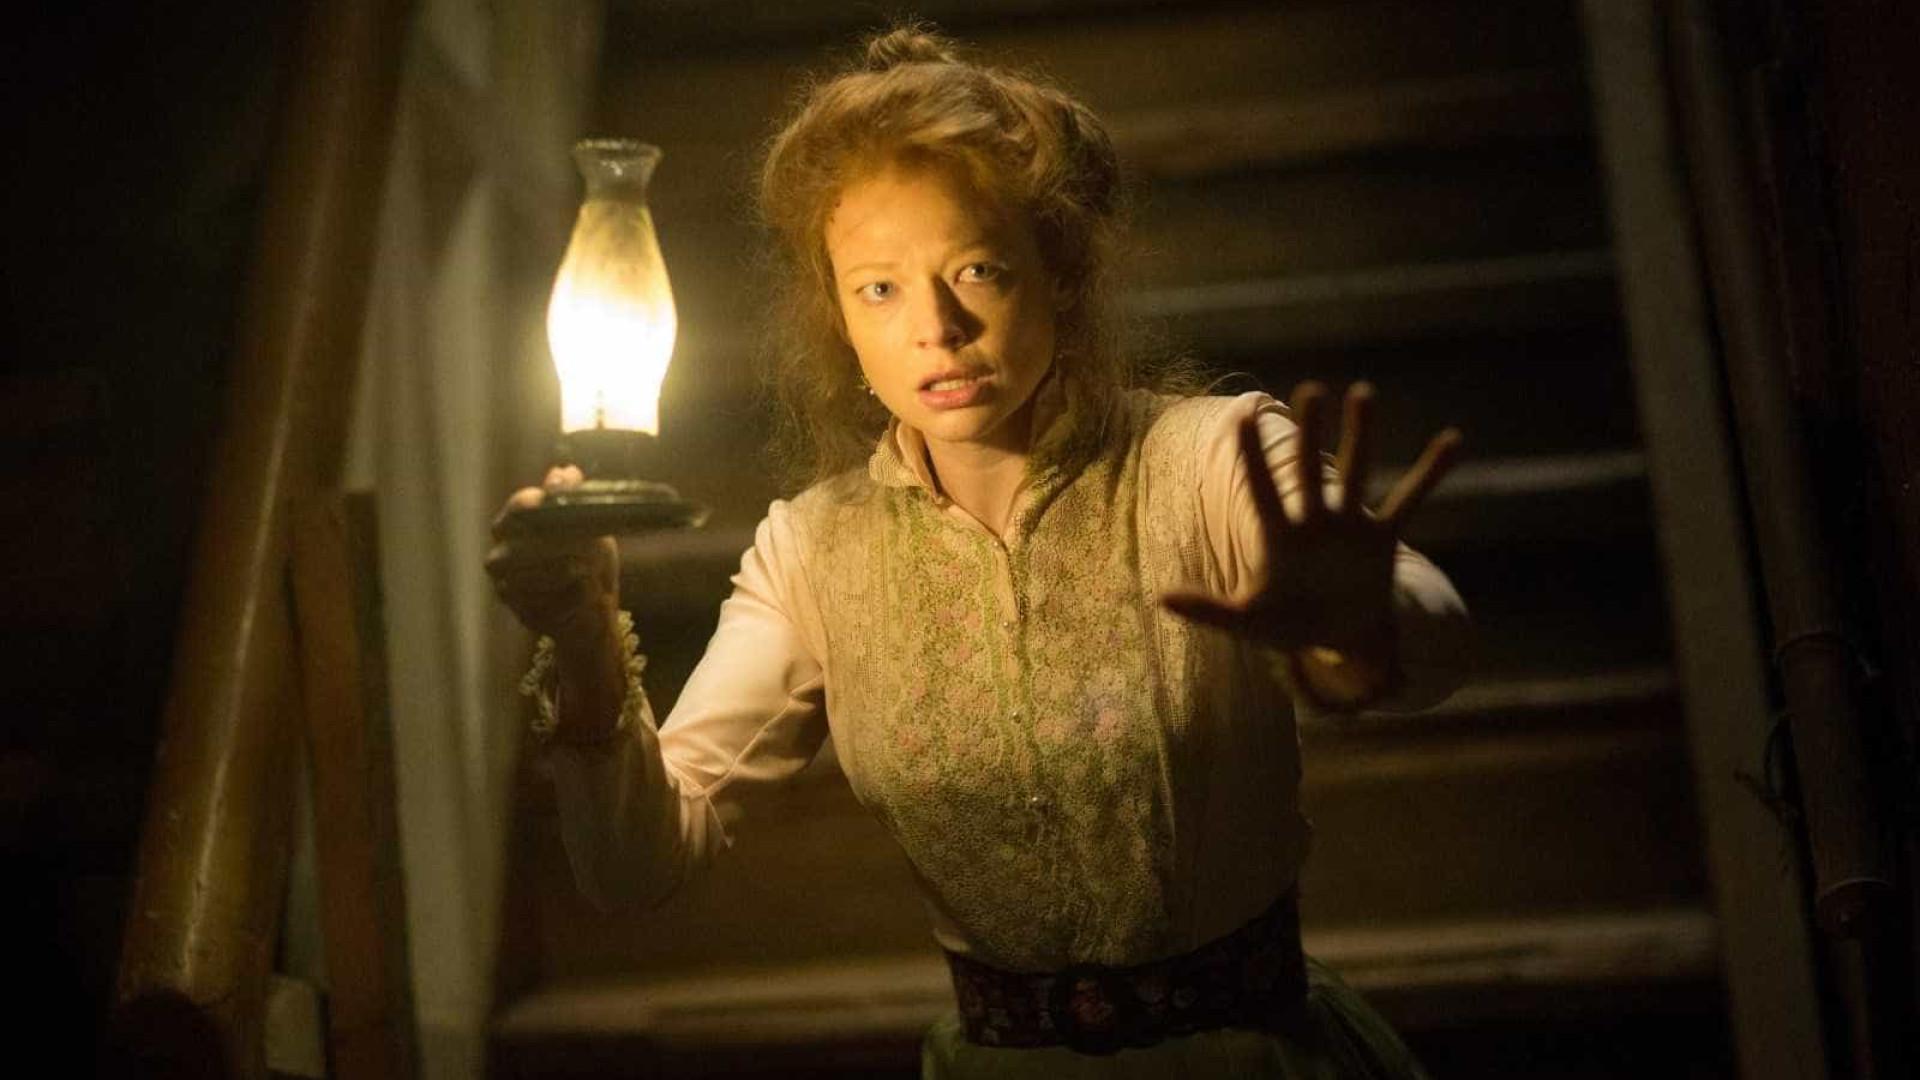 'A Maldição da Casa Winchester' faz crítica à indústria bélica